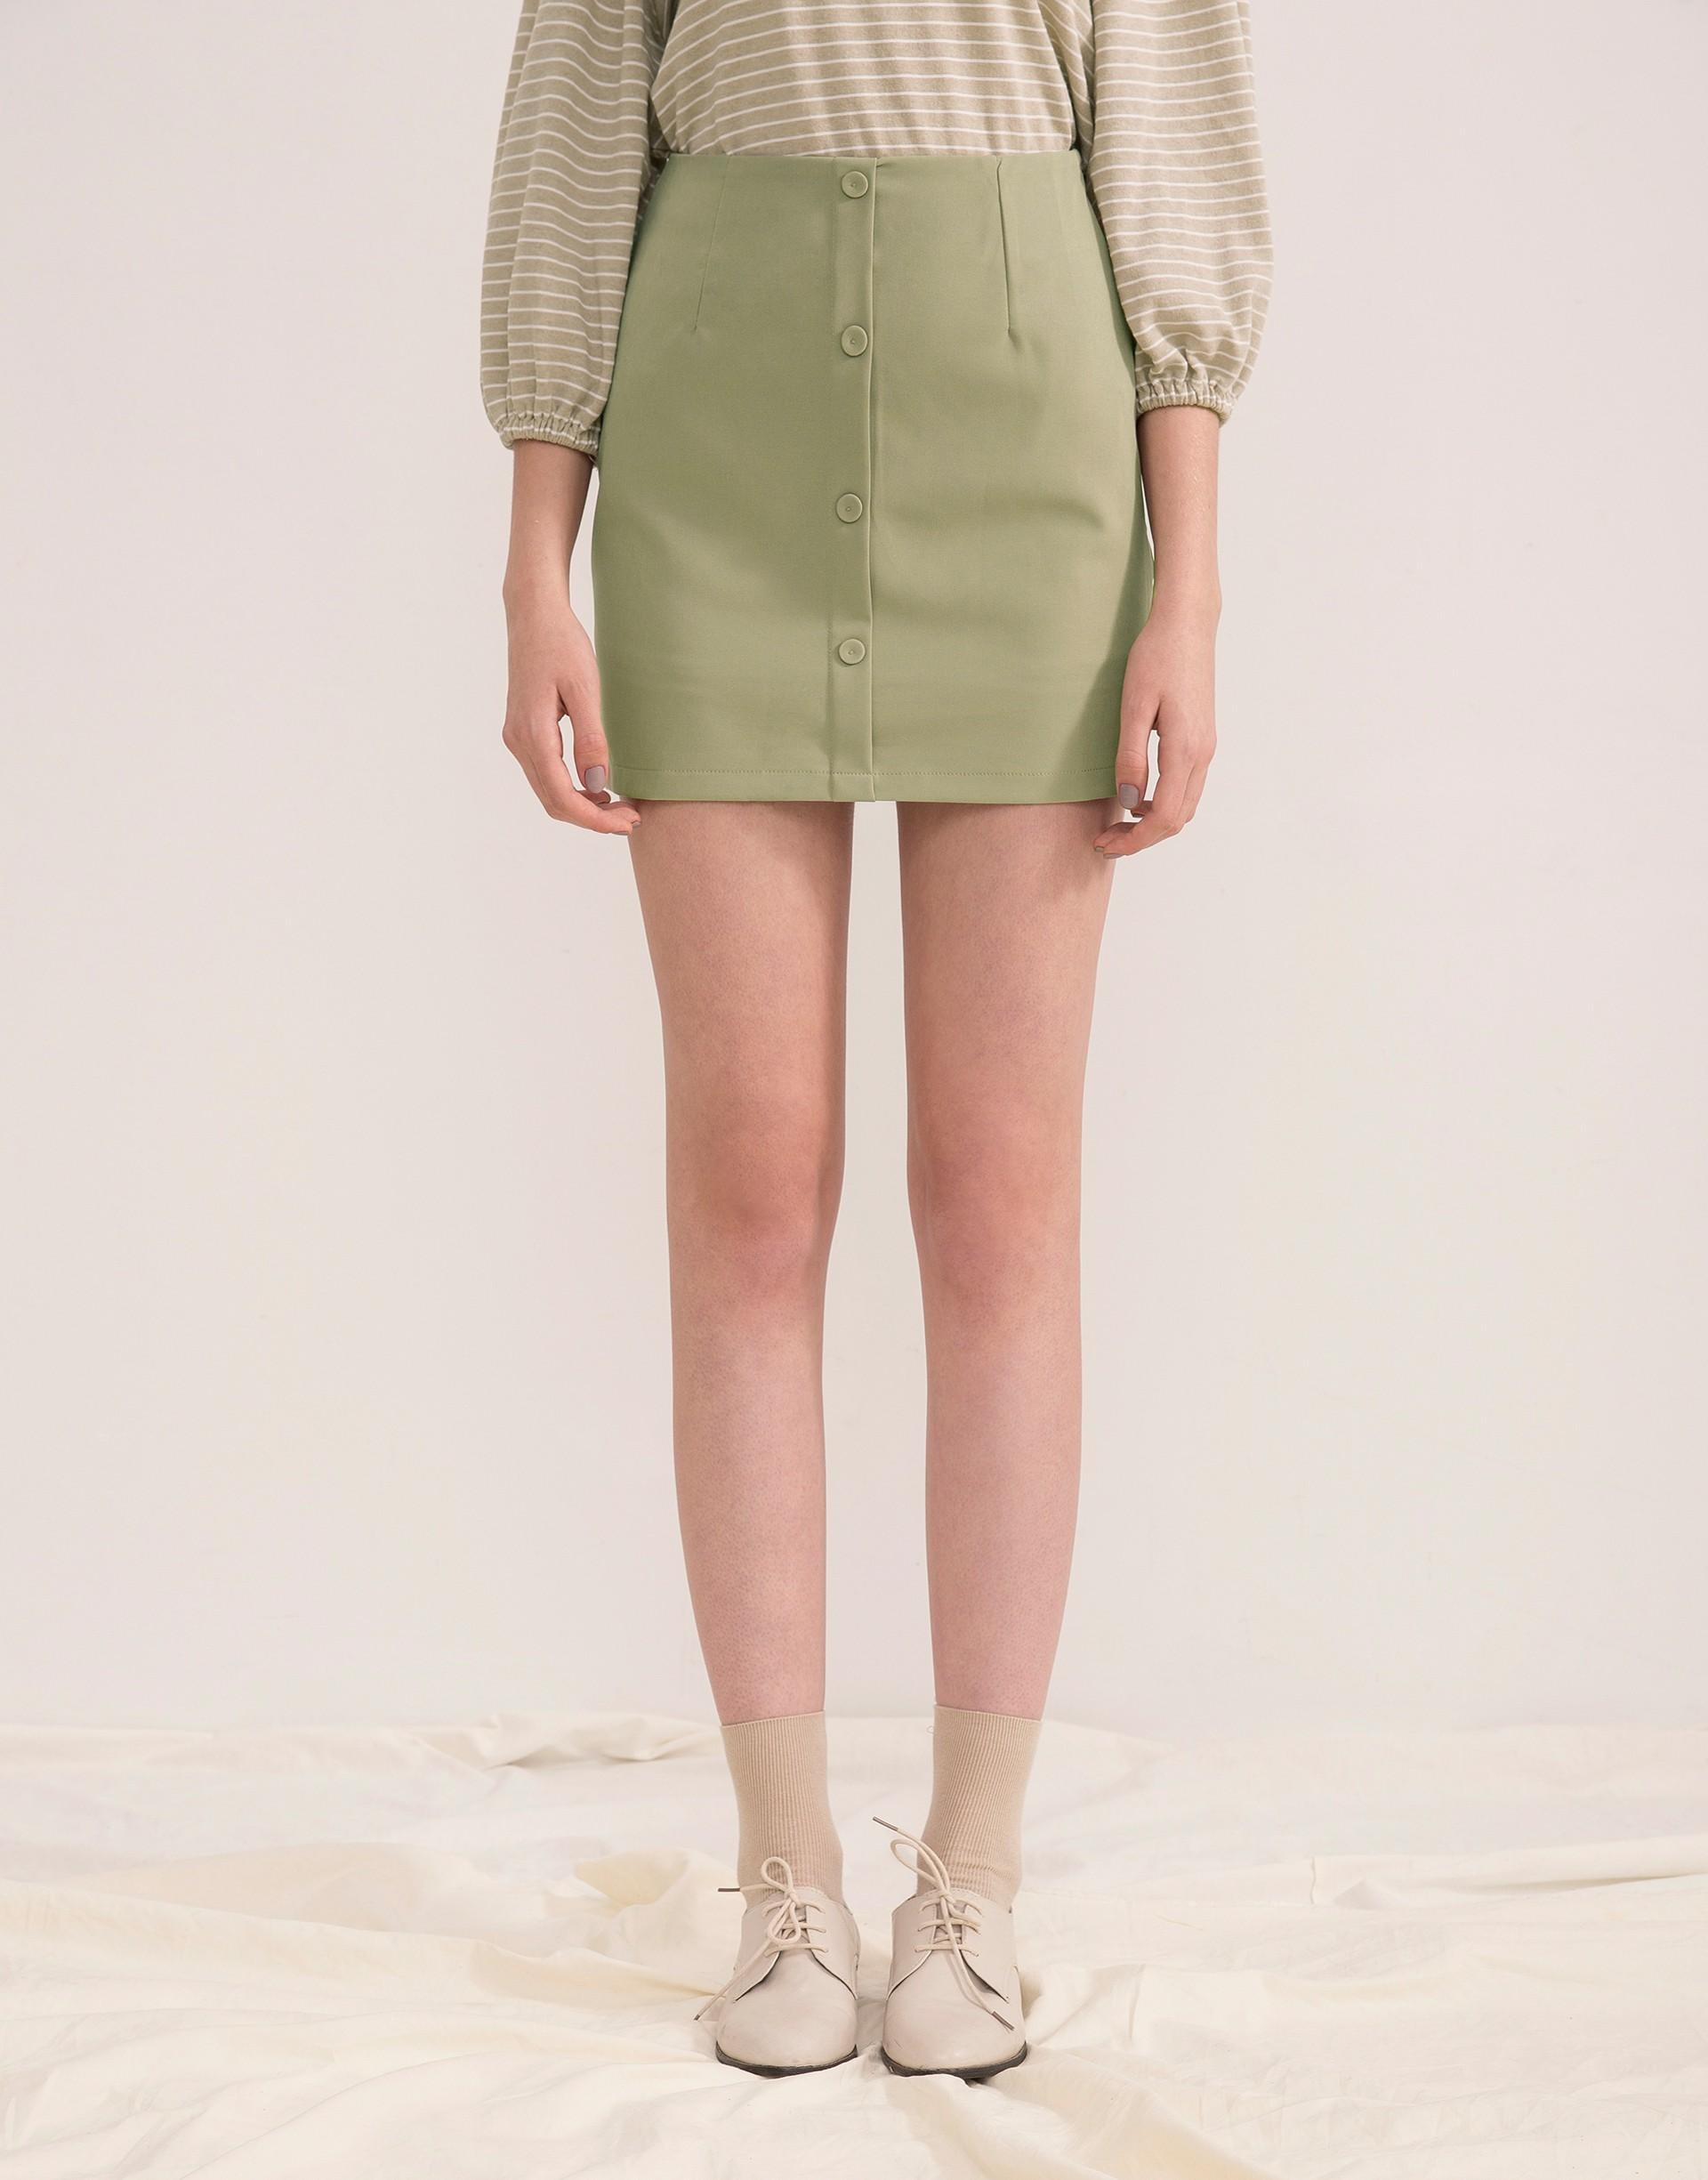 內層安全褲內裡/側開隱型拉鍊/A字裙修飾腿部線條